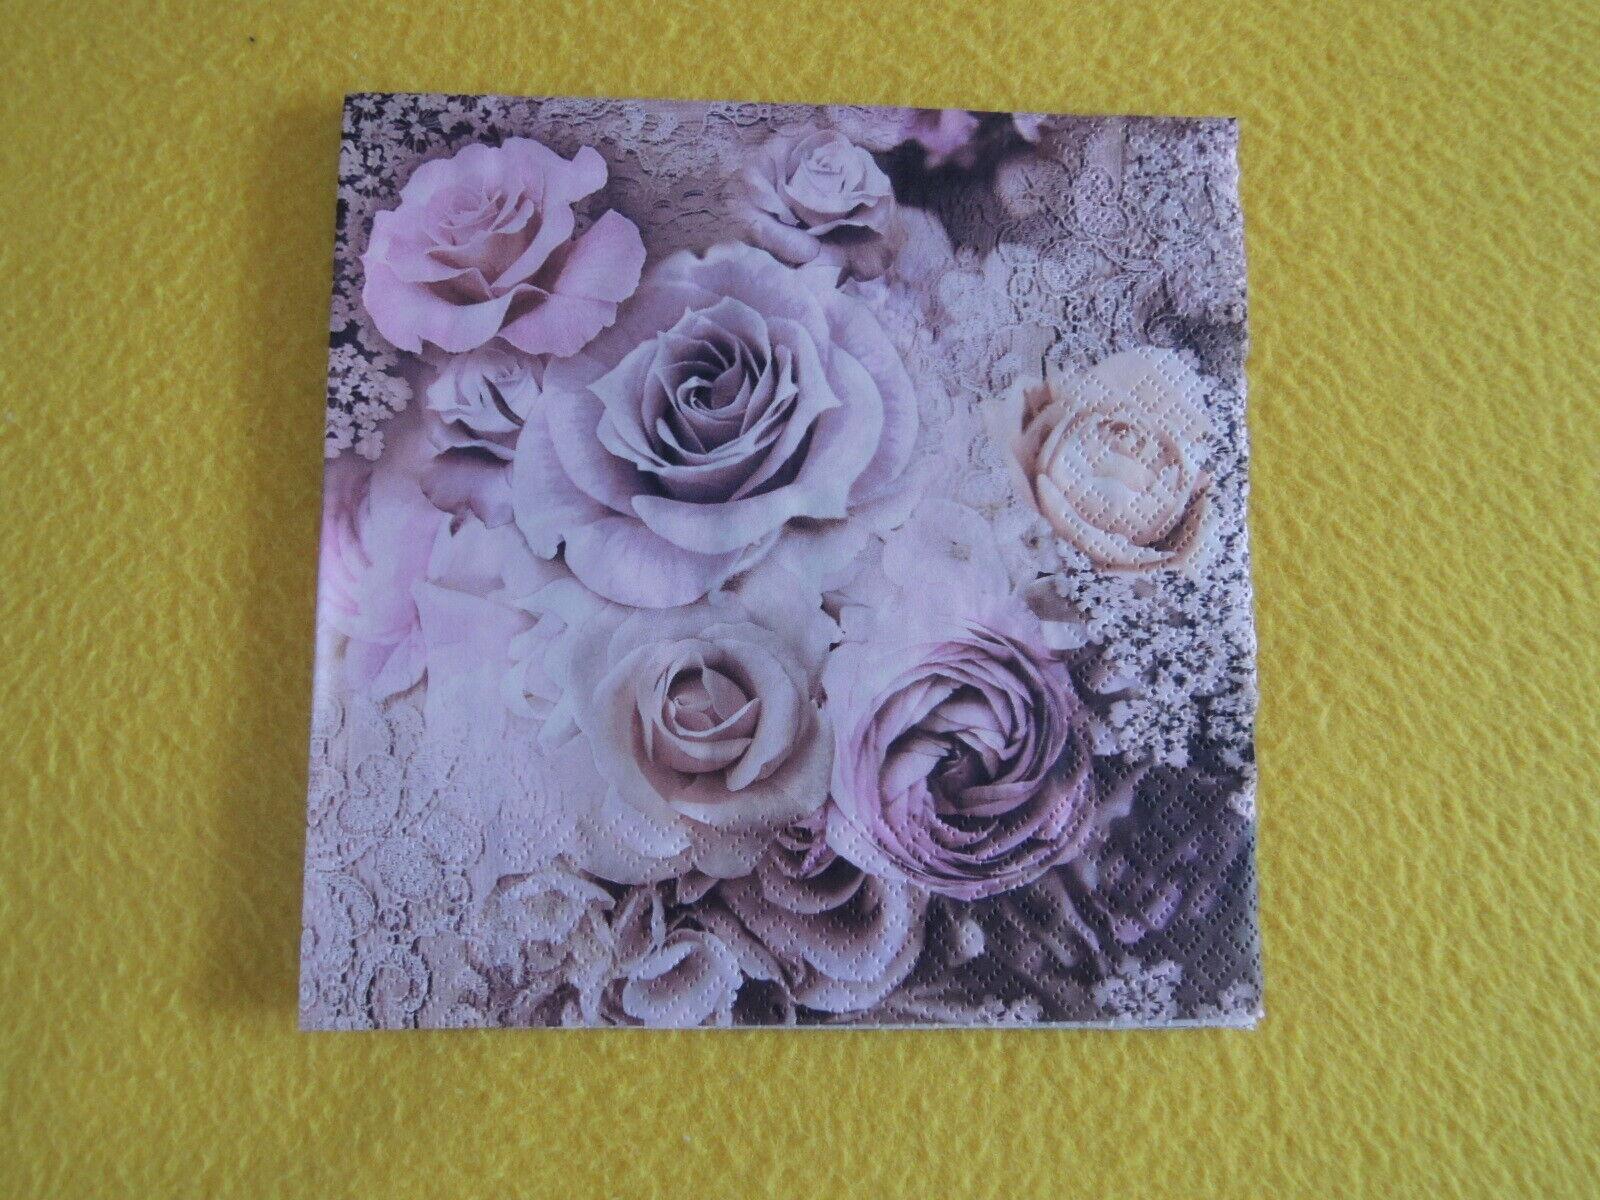 5 stück Servietten Rosen EVELIEN rosa altrosa roses 1//4 Blumen Serviettentechnik